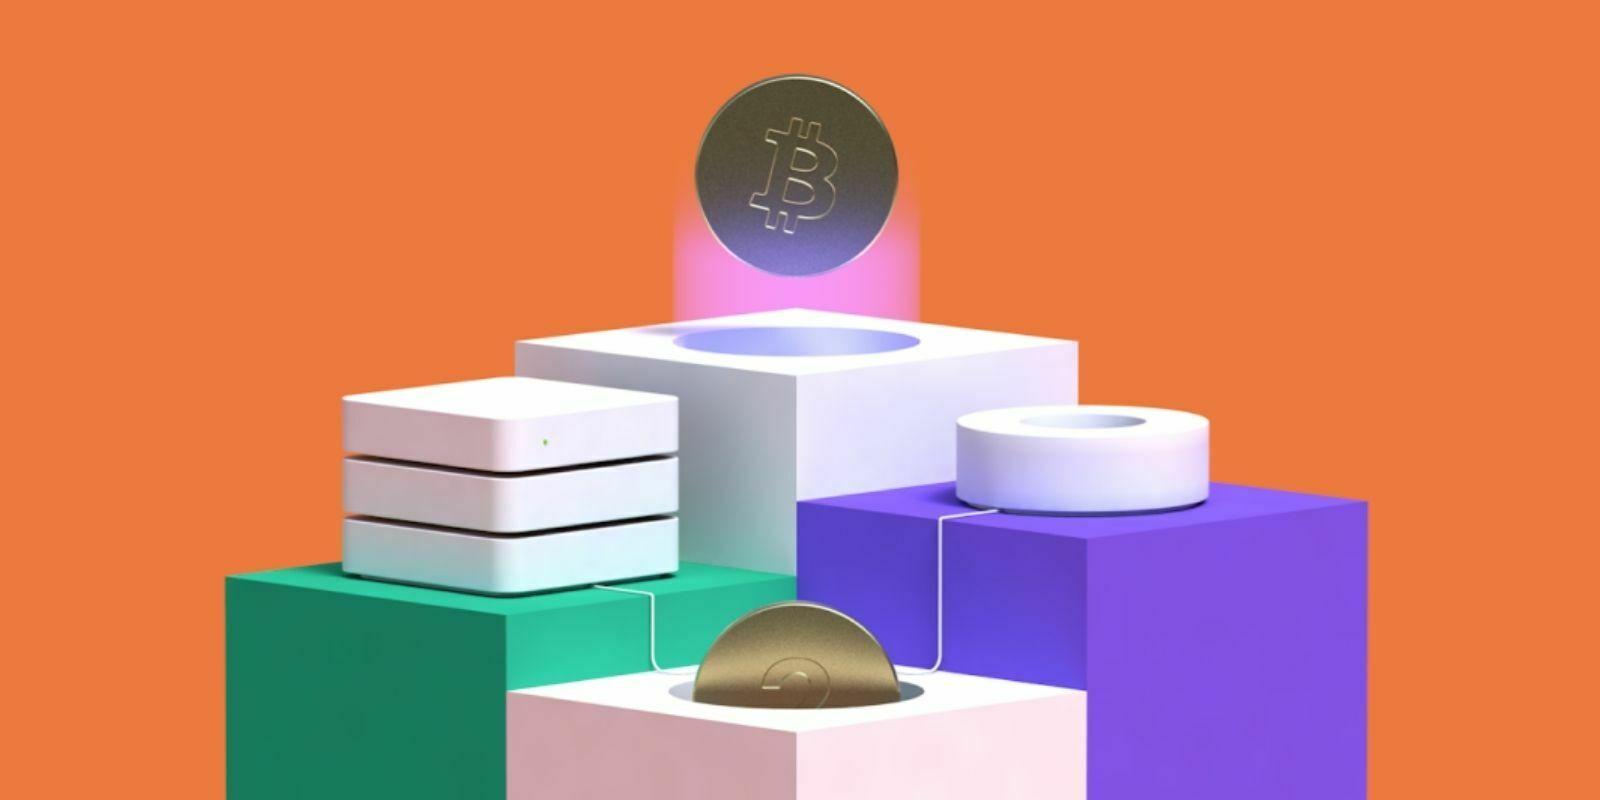 La néo-banque Revolut va autoriser les retraits externes de Bitcoin (BTC)